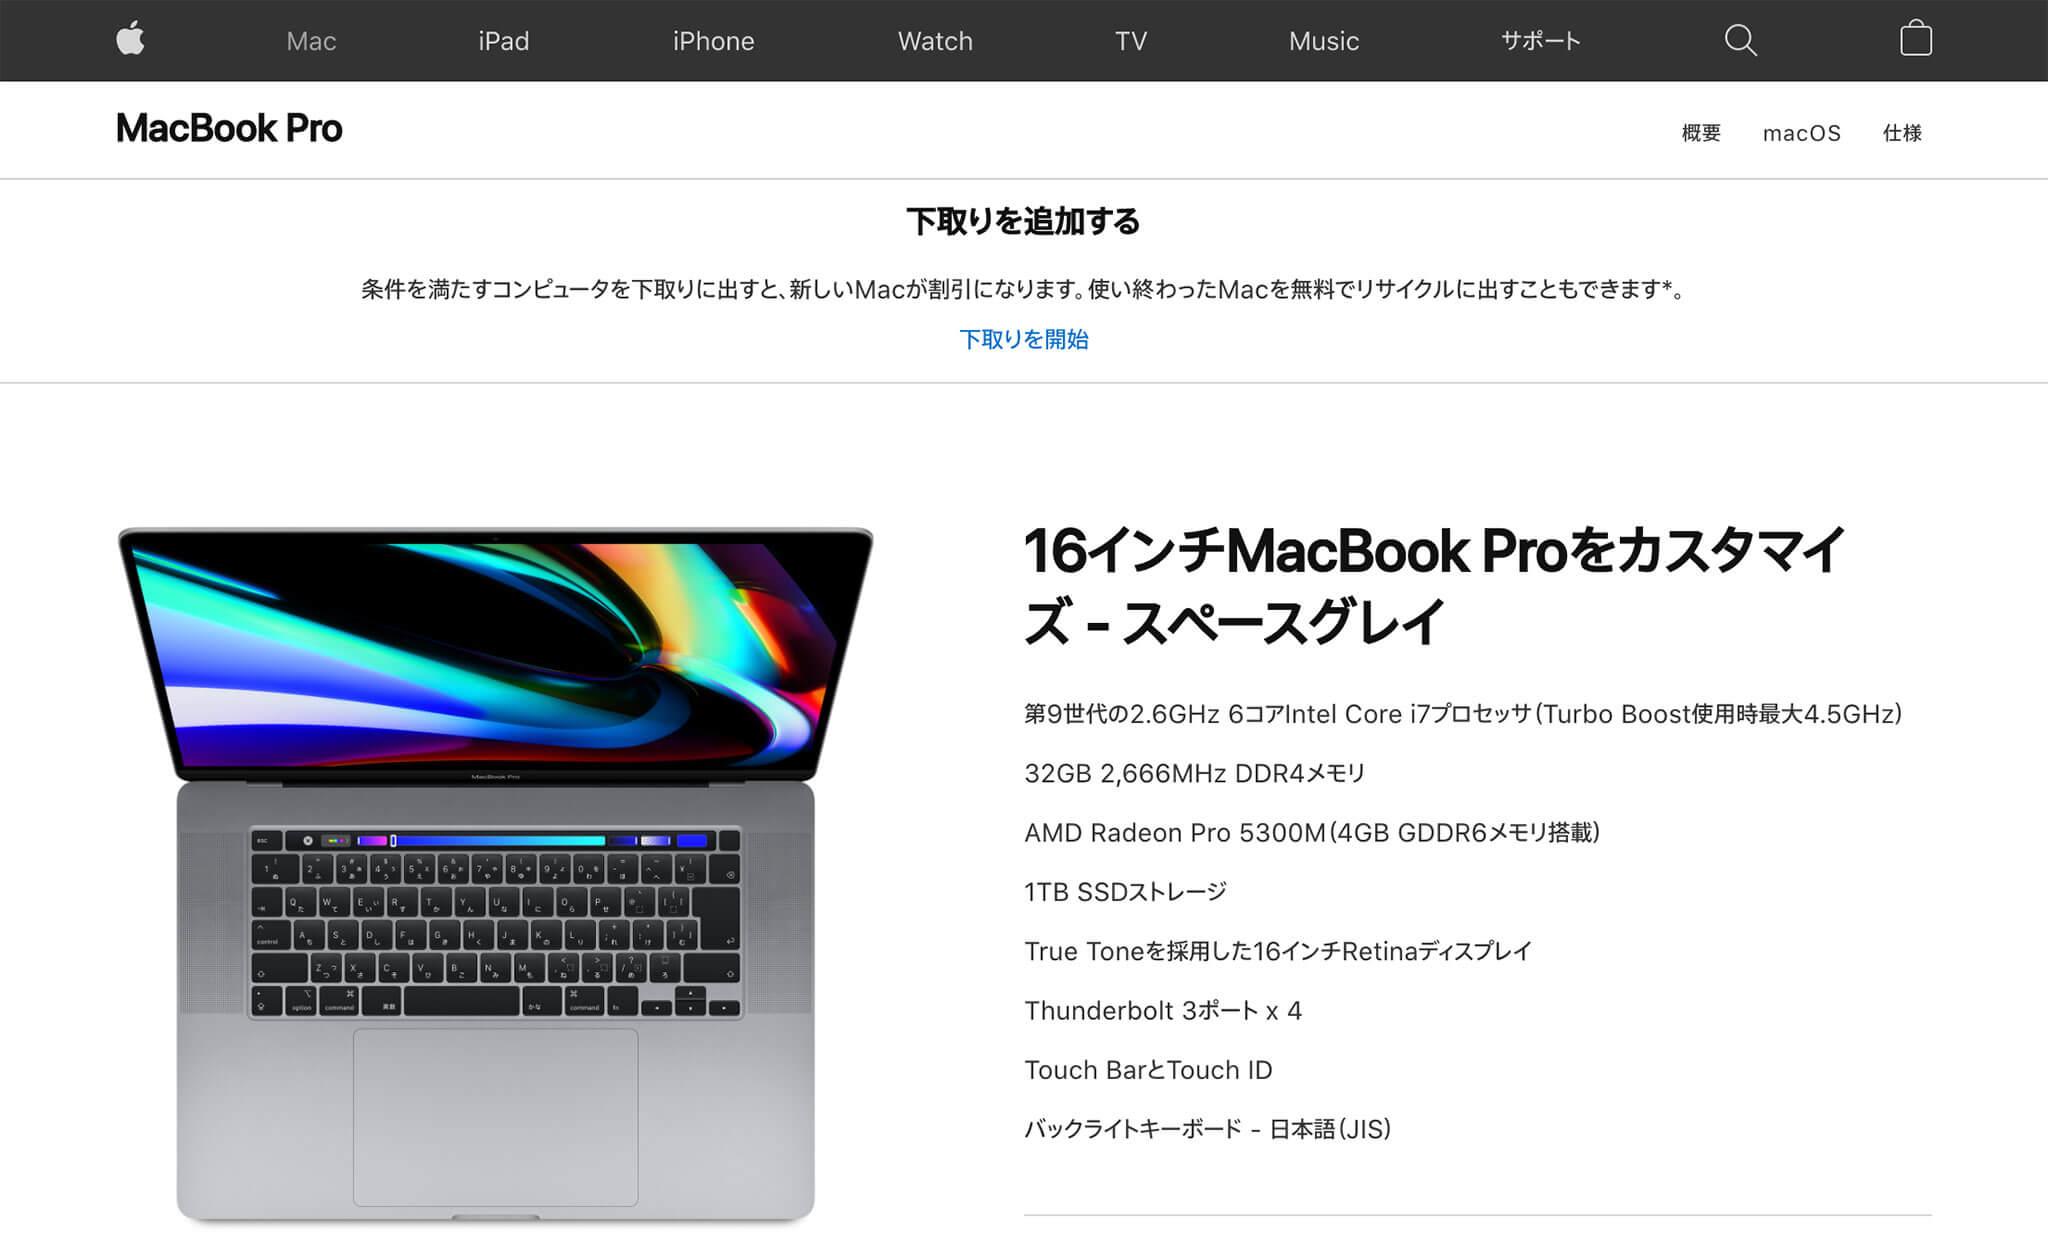 購入したMacBook Proのスペック